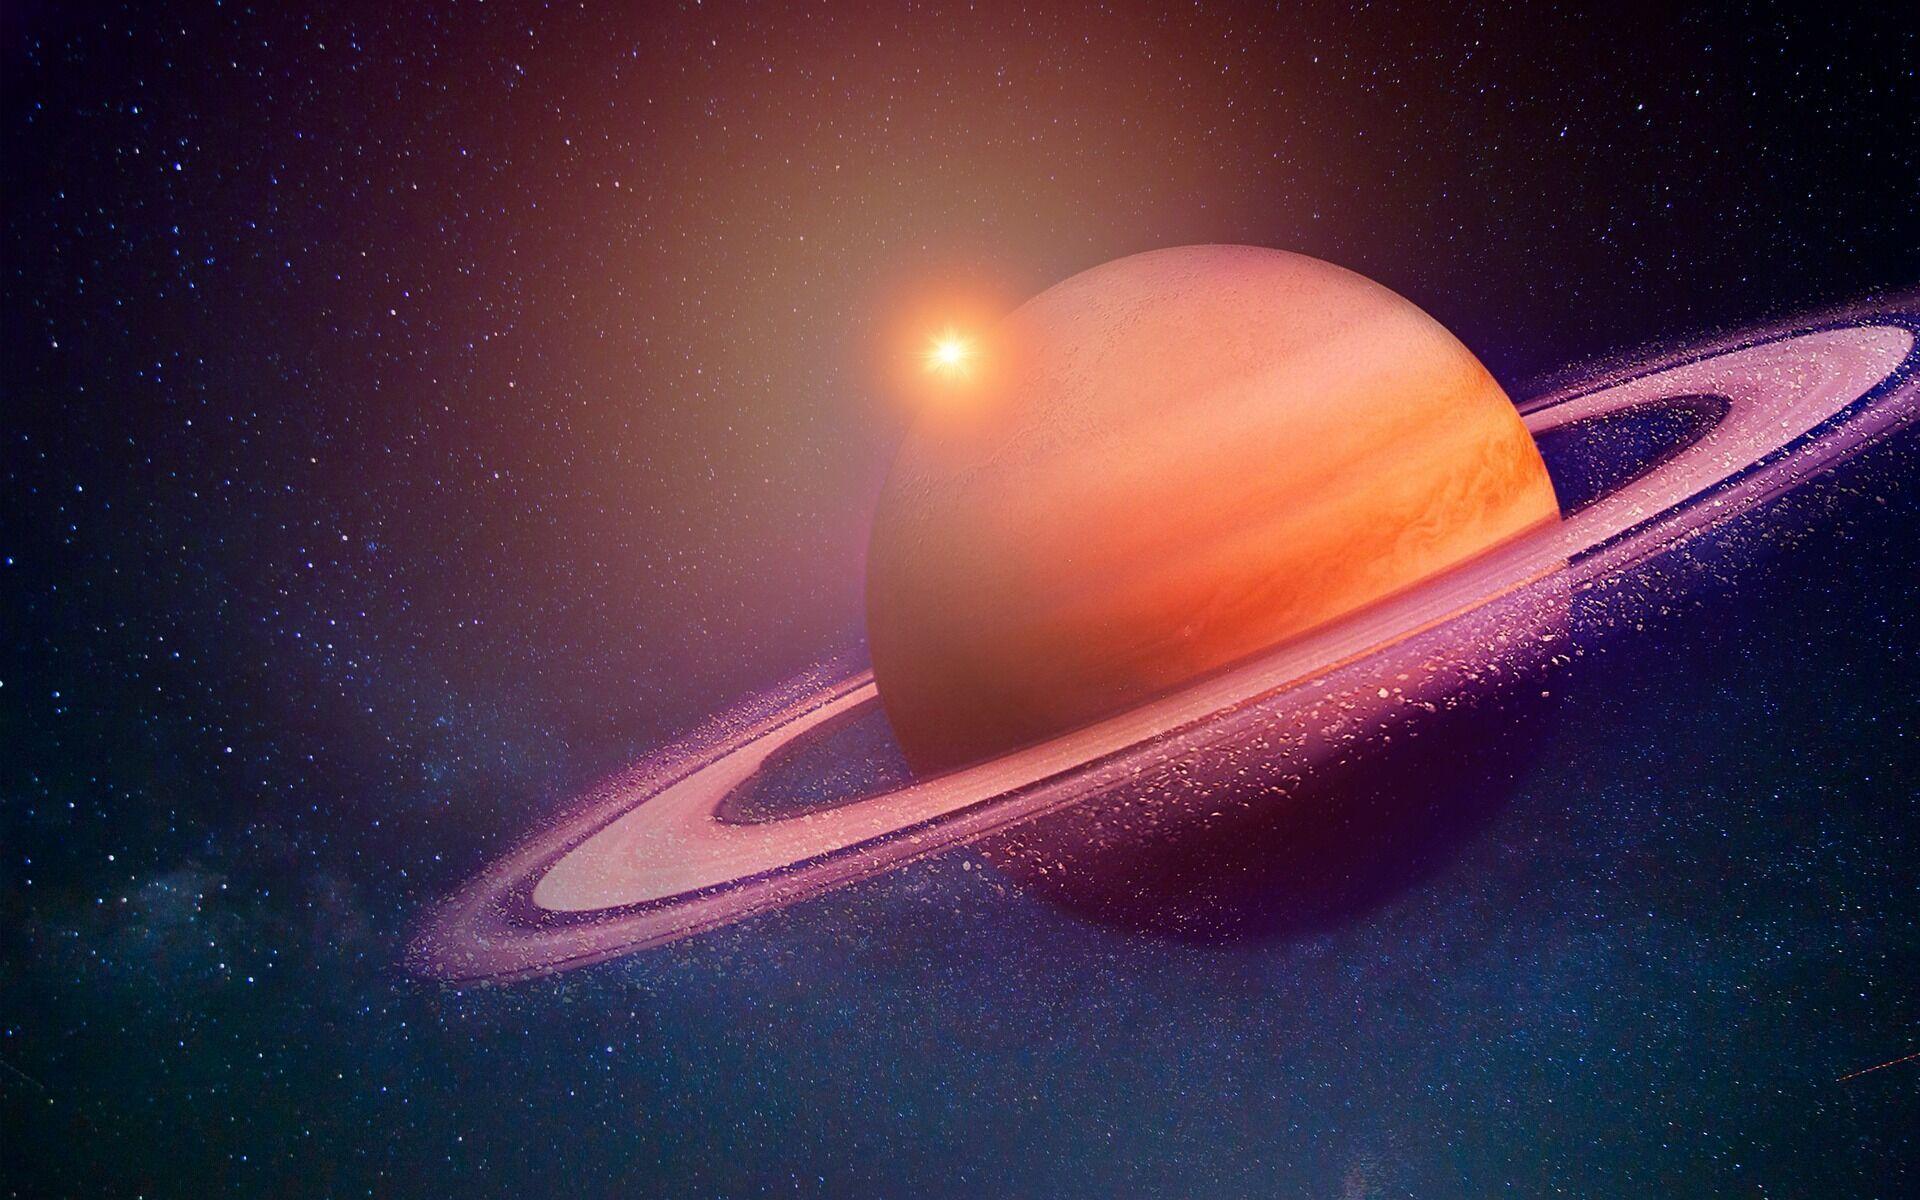 В период ретроградного Сатурна его позитивные стороны ослаблены или вовсе сведены на нет